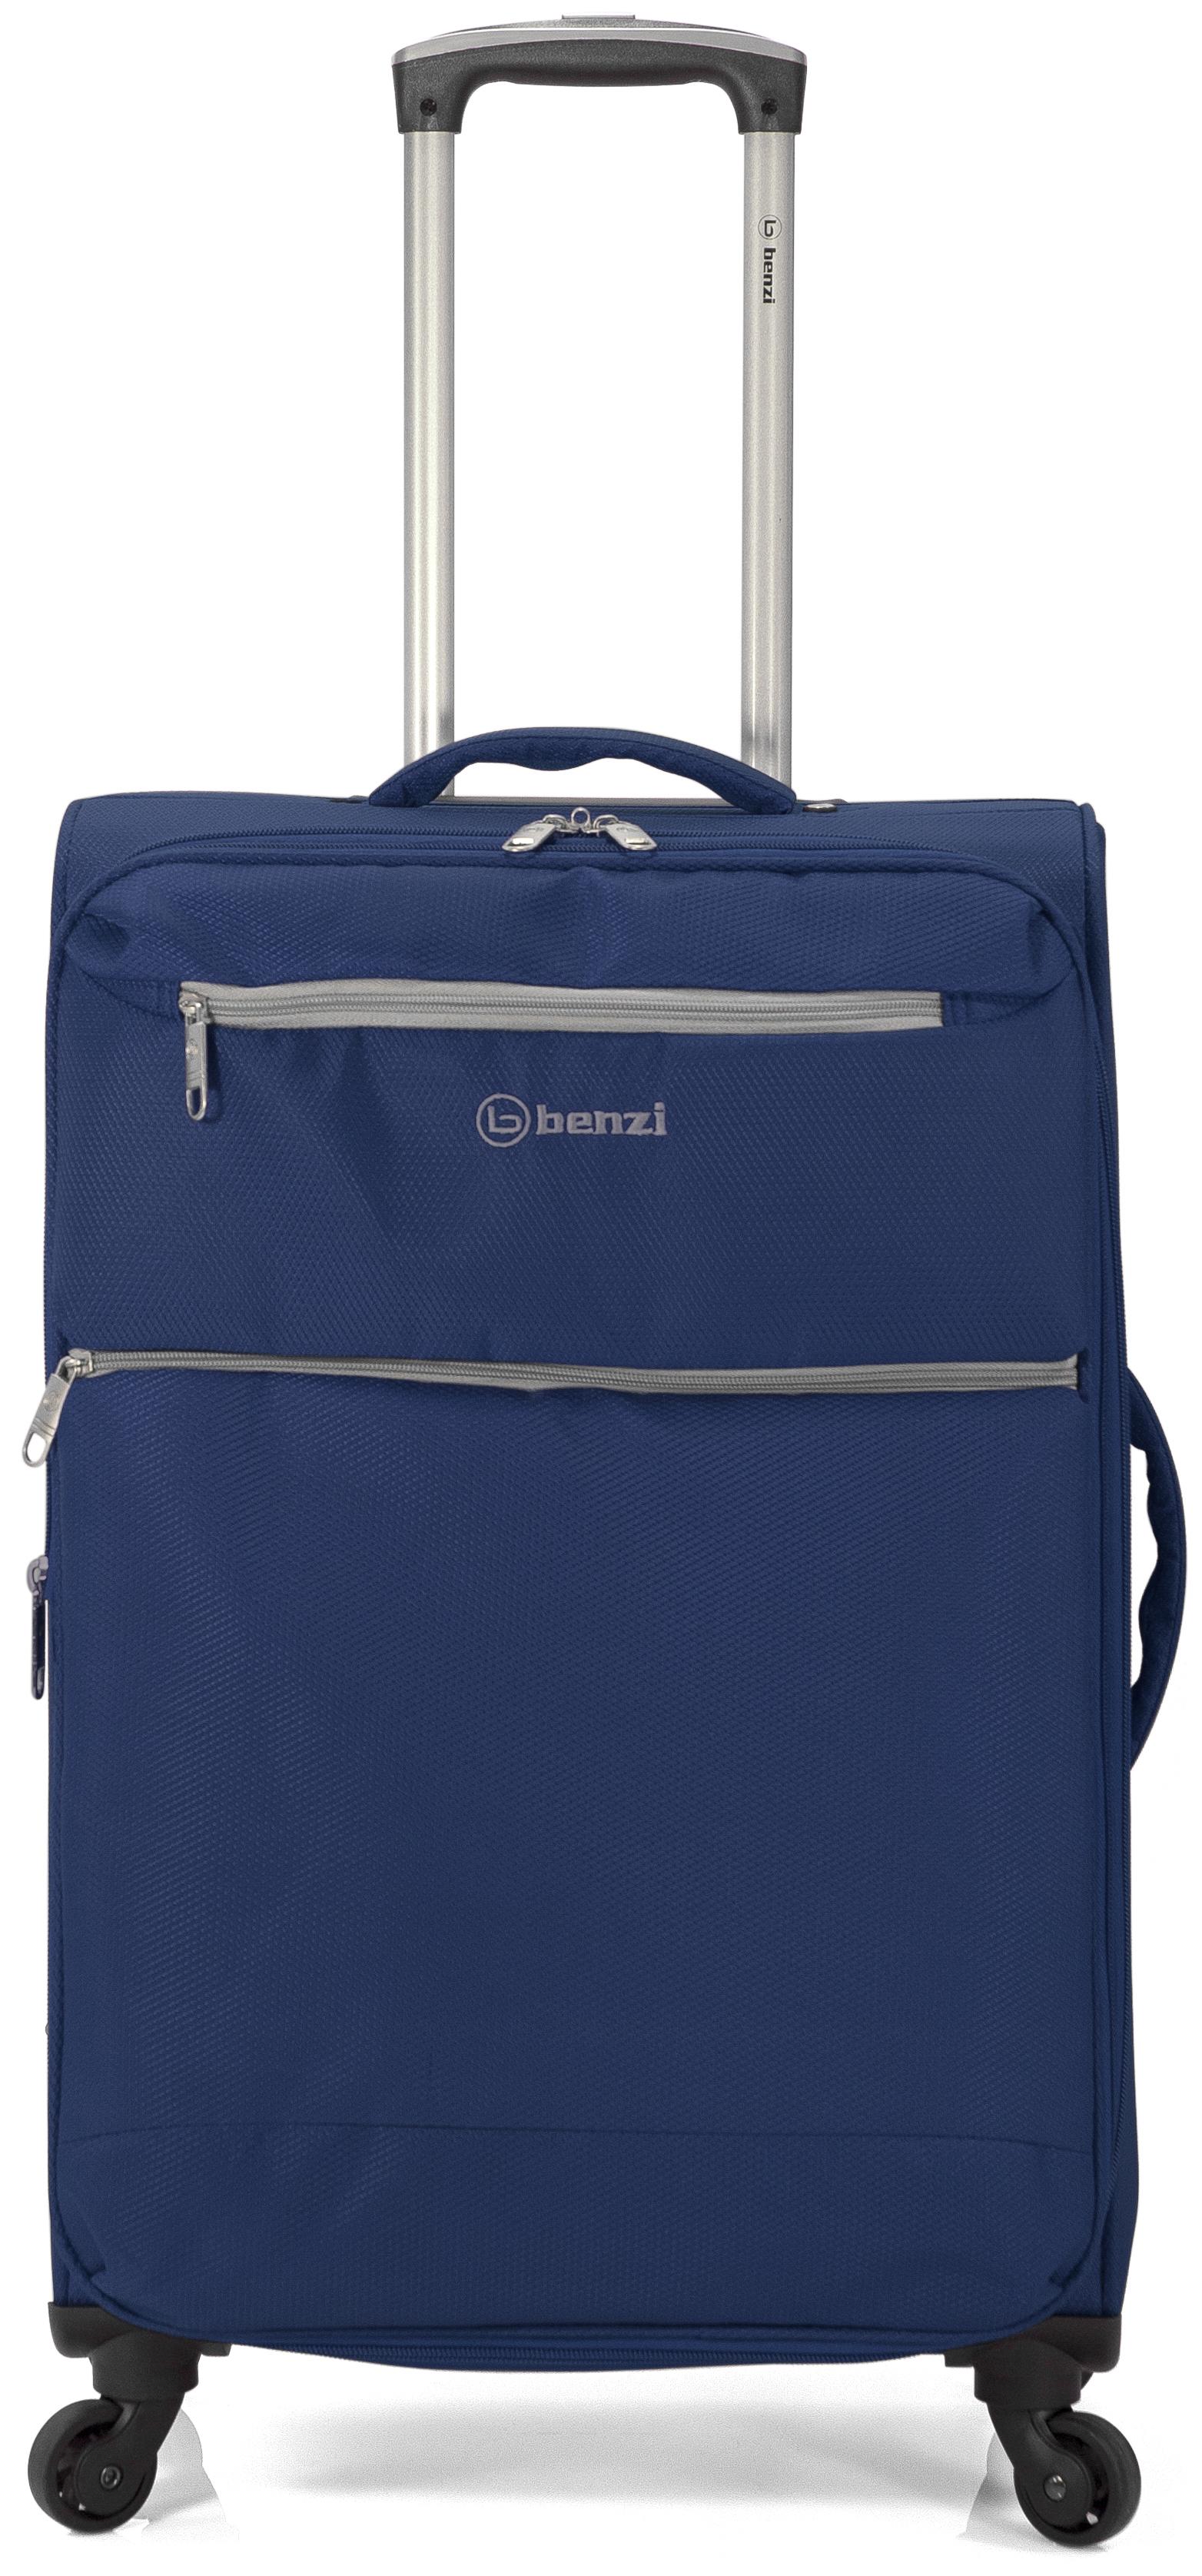 Σετ Βαλίτσες 3τμχ Τρόλευ benzi 4865 Blue - benzi - BZ-4865/3-blue ειδη οικ  χρησησ βαλίτσες   τσάντες ταξιδίου